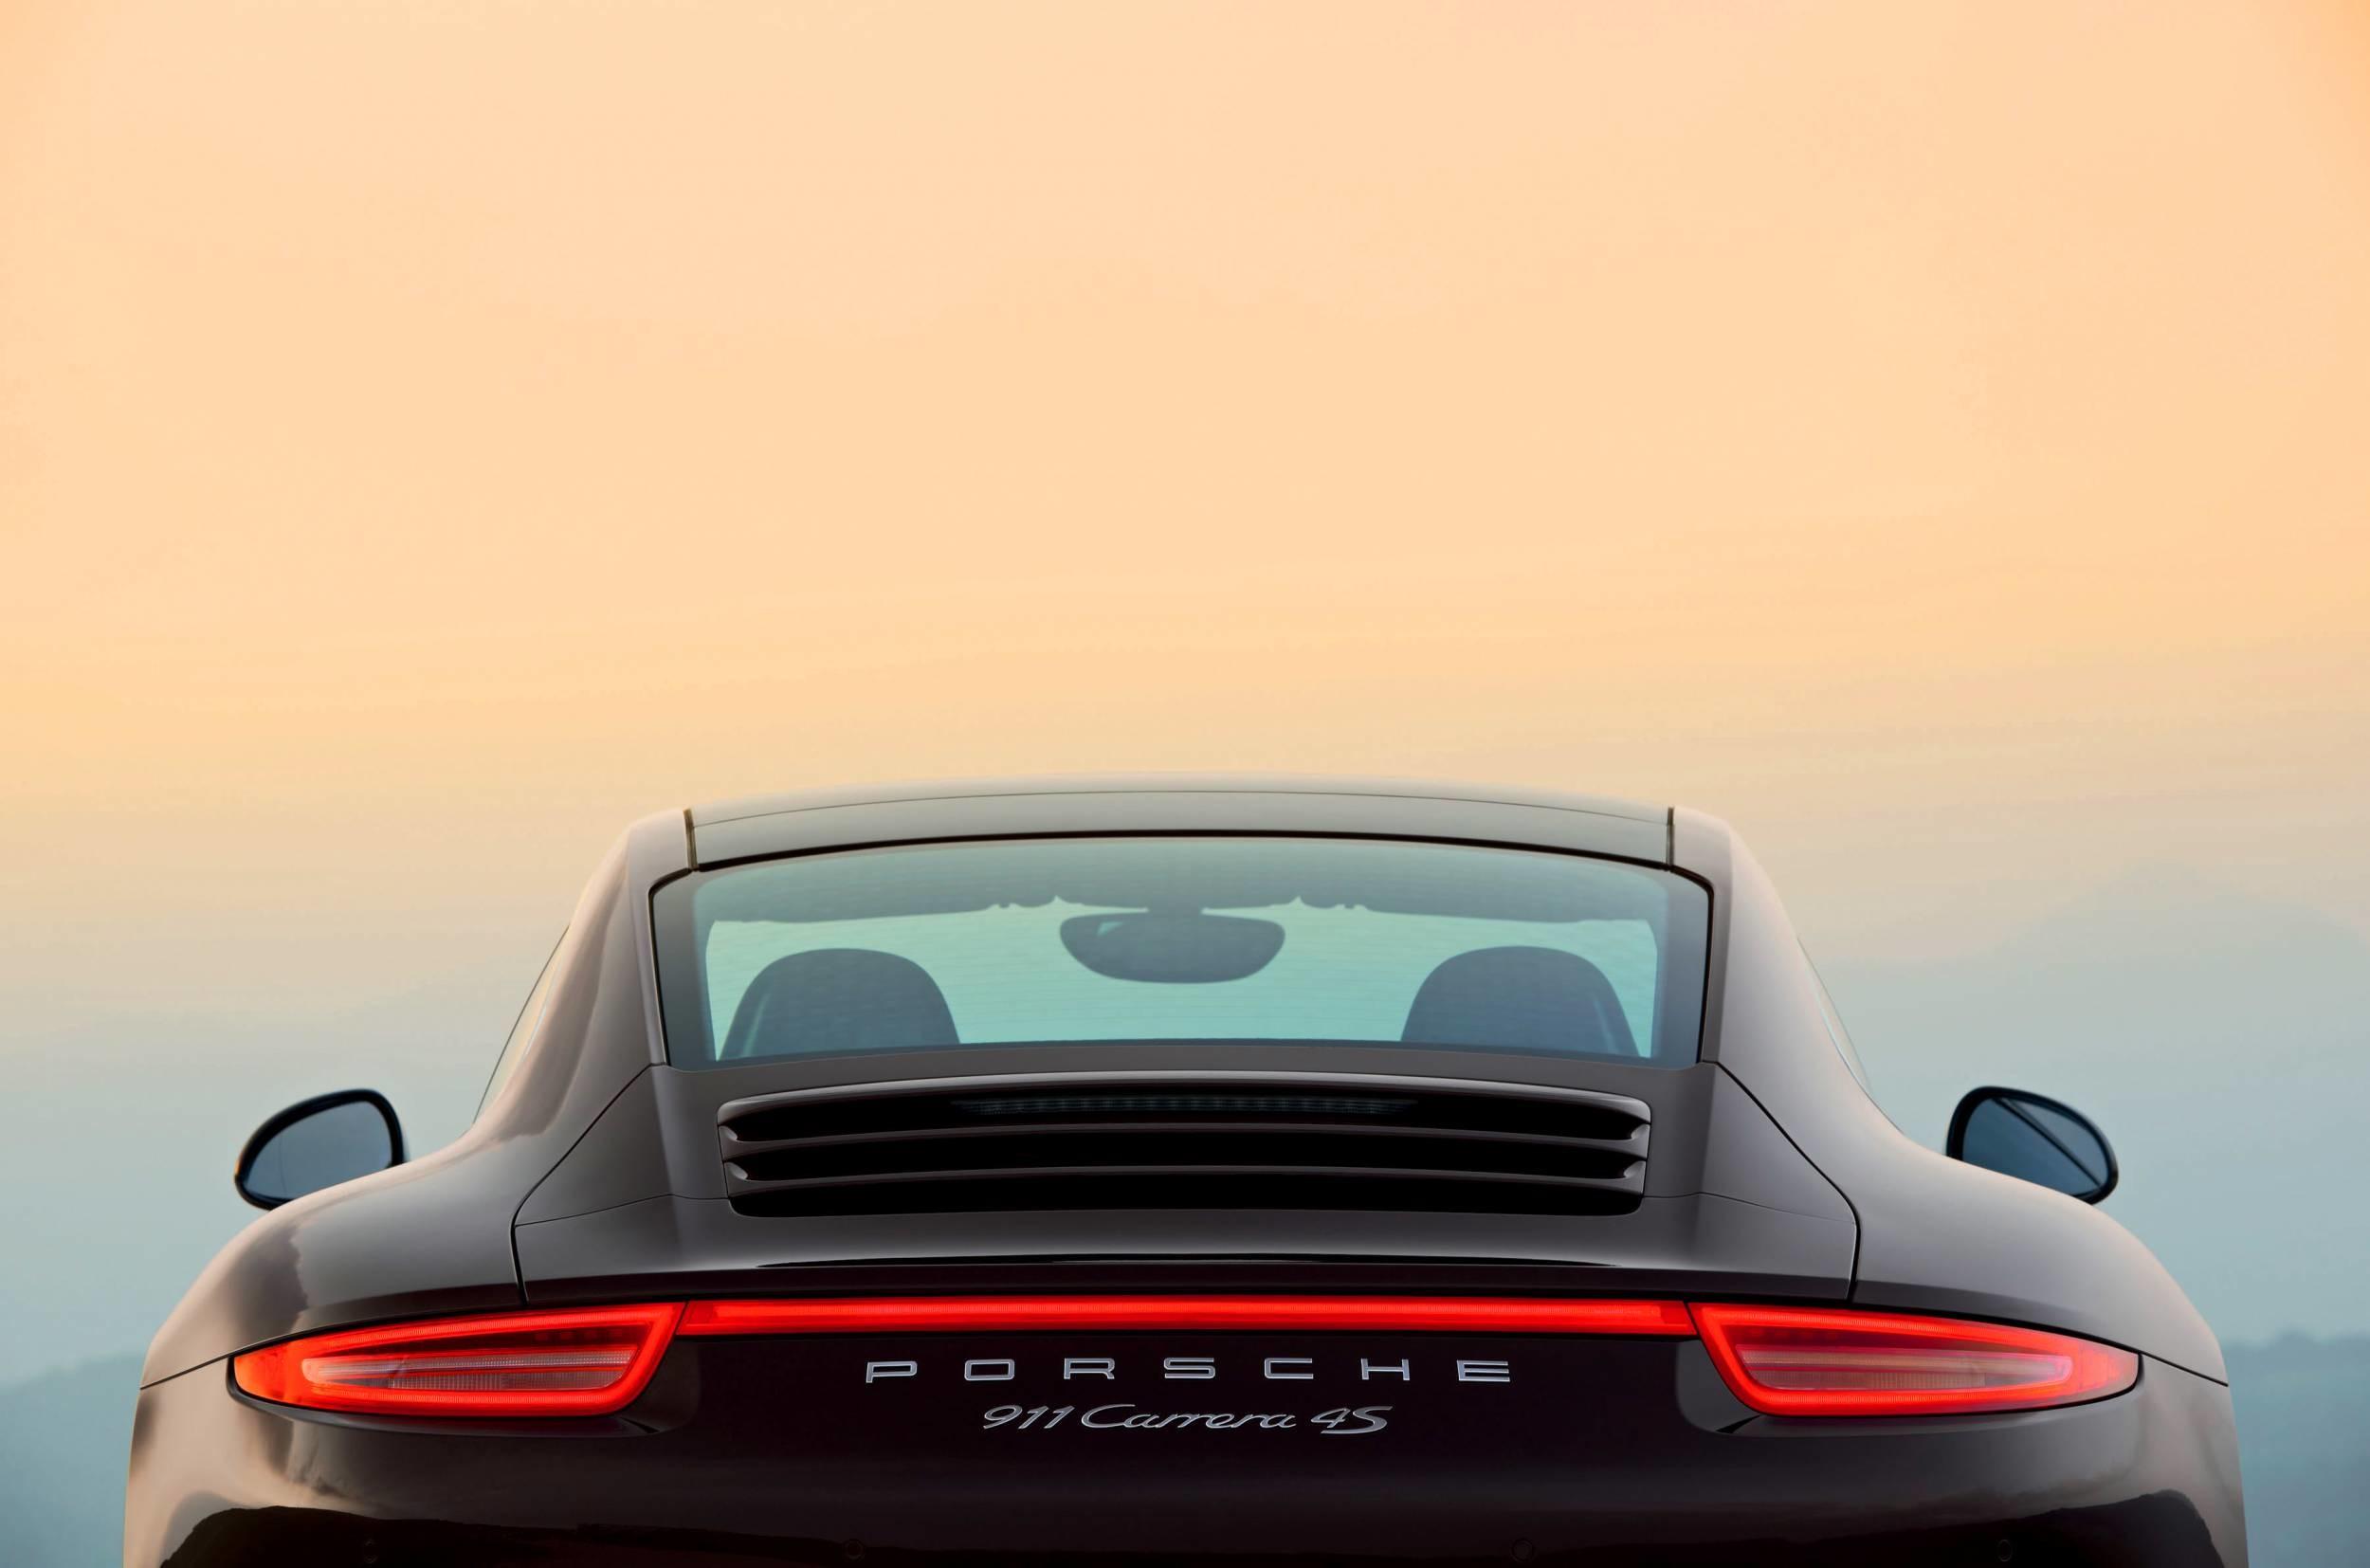 2500x1654, Porsche Wallpapers - Porsche Car - HD Wallpaper